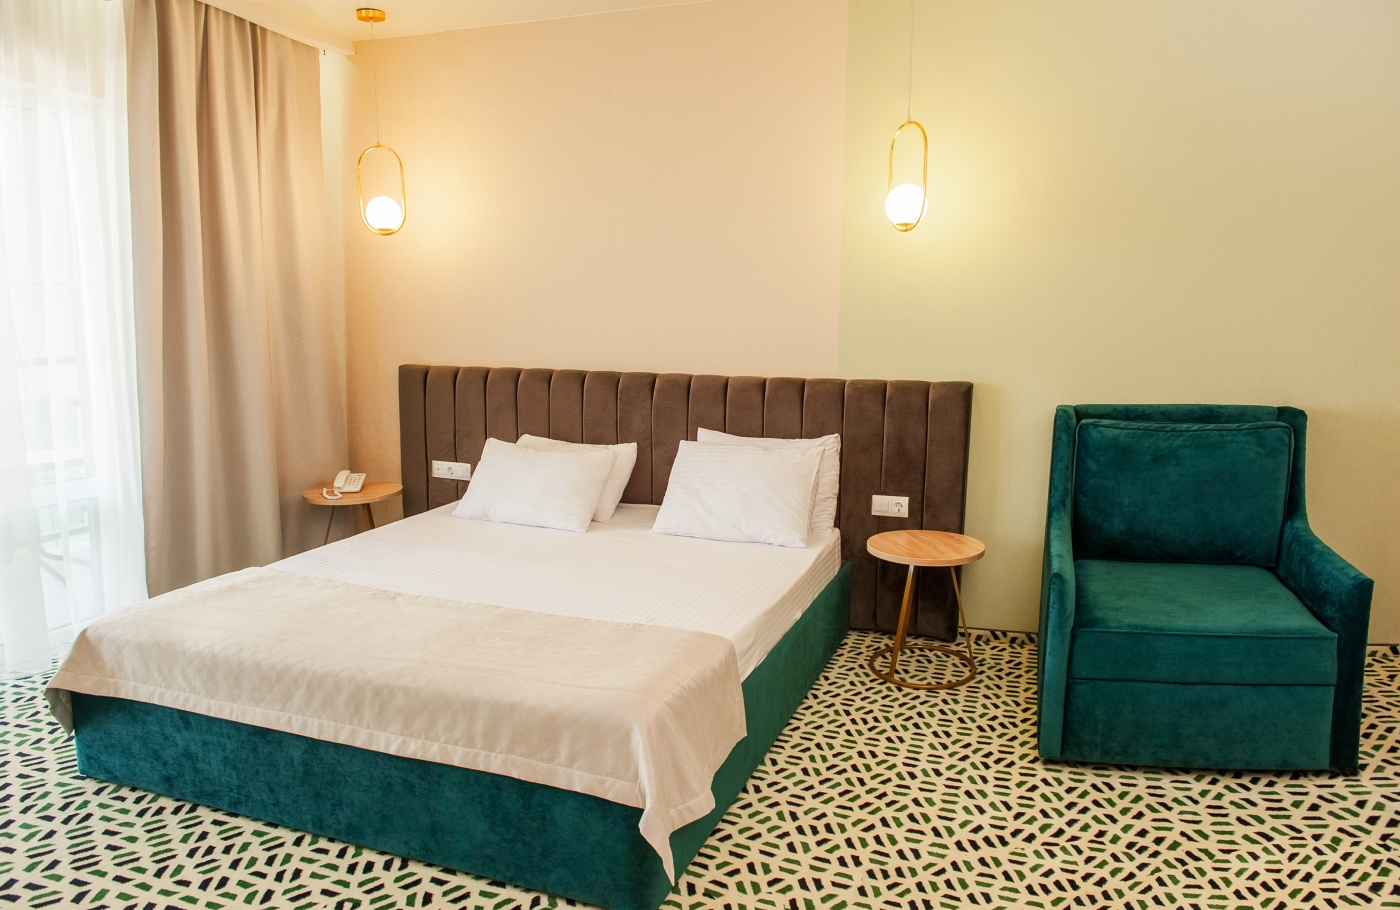 Отель «Aurum Family Resort & Spa» Краснодарский край Junior suite 2-местный , фото 5